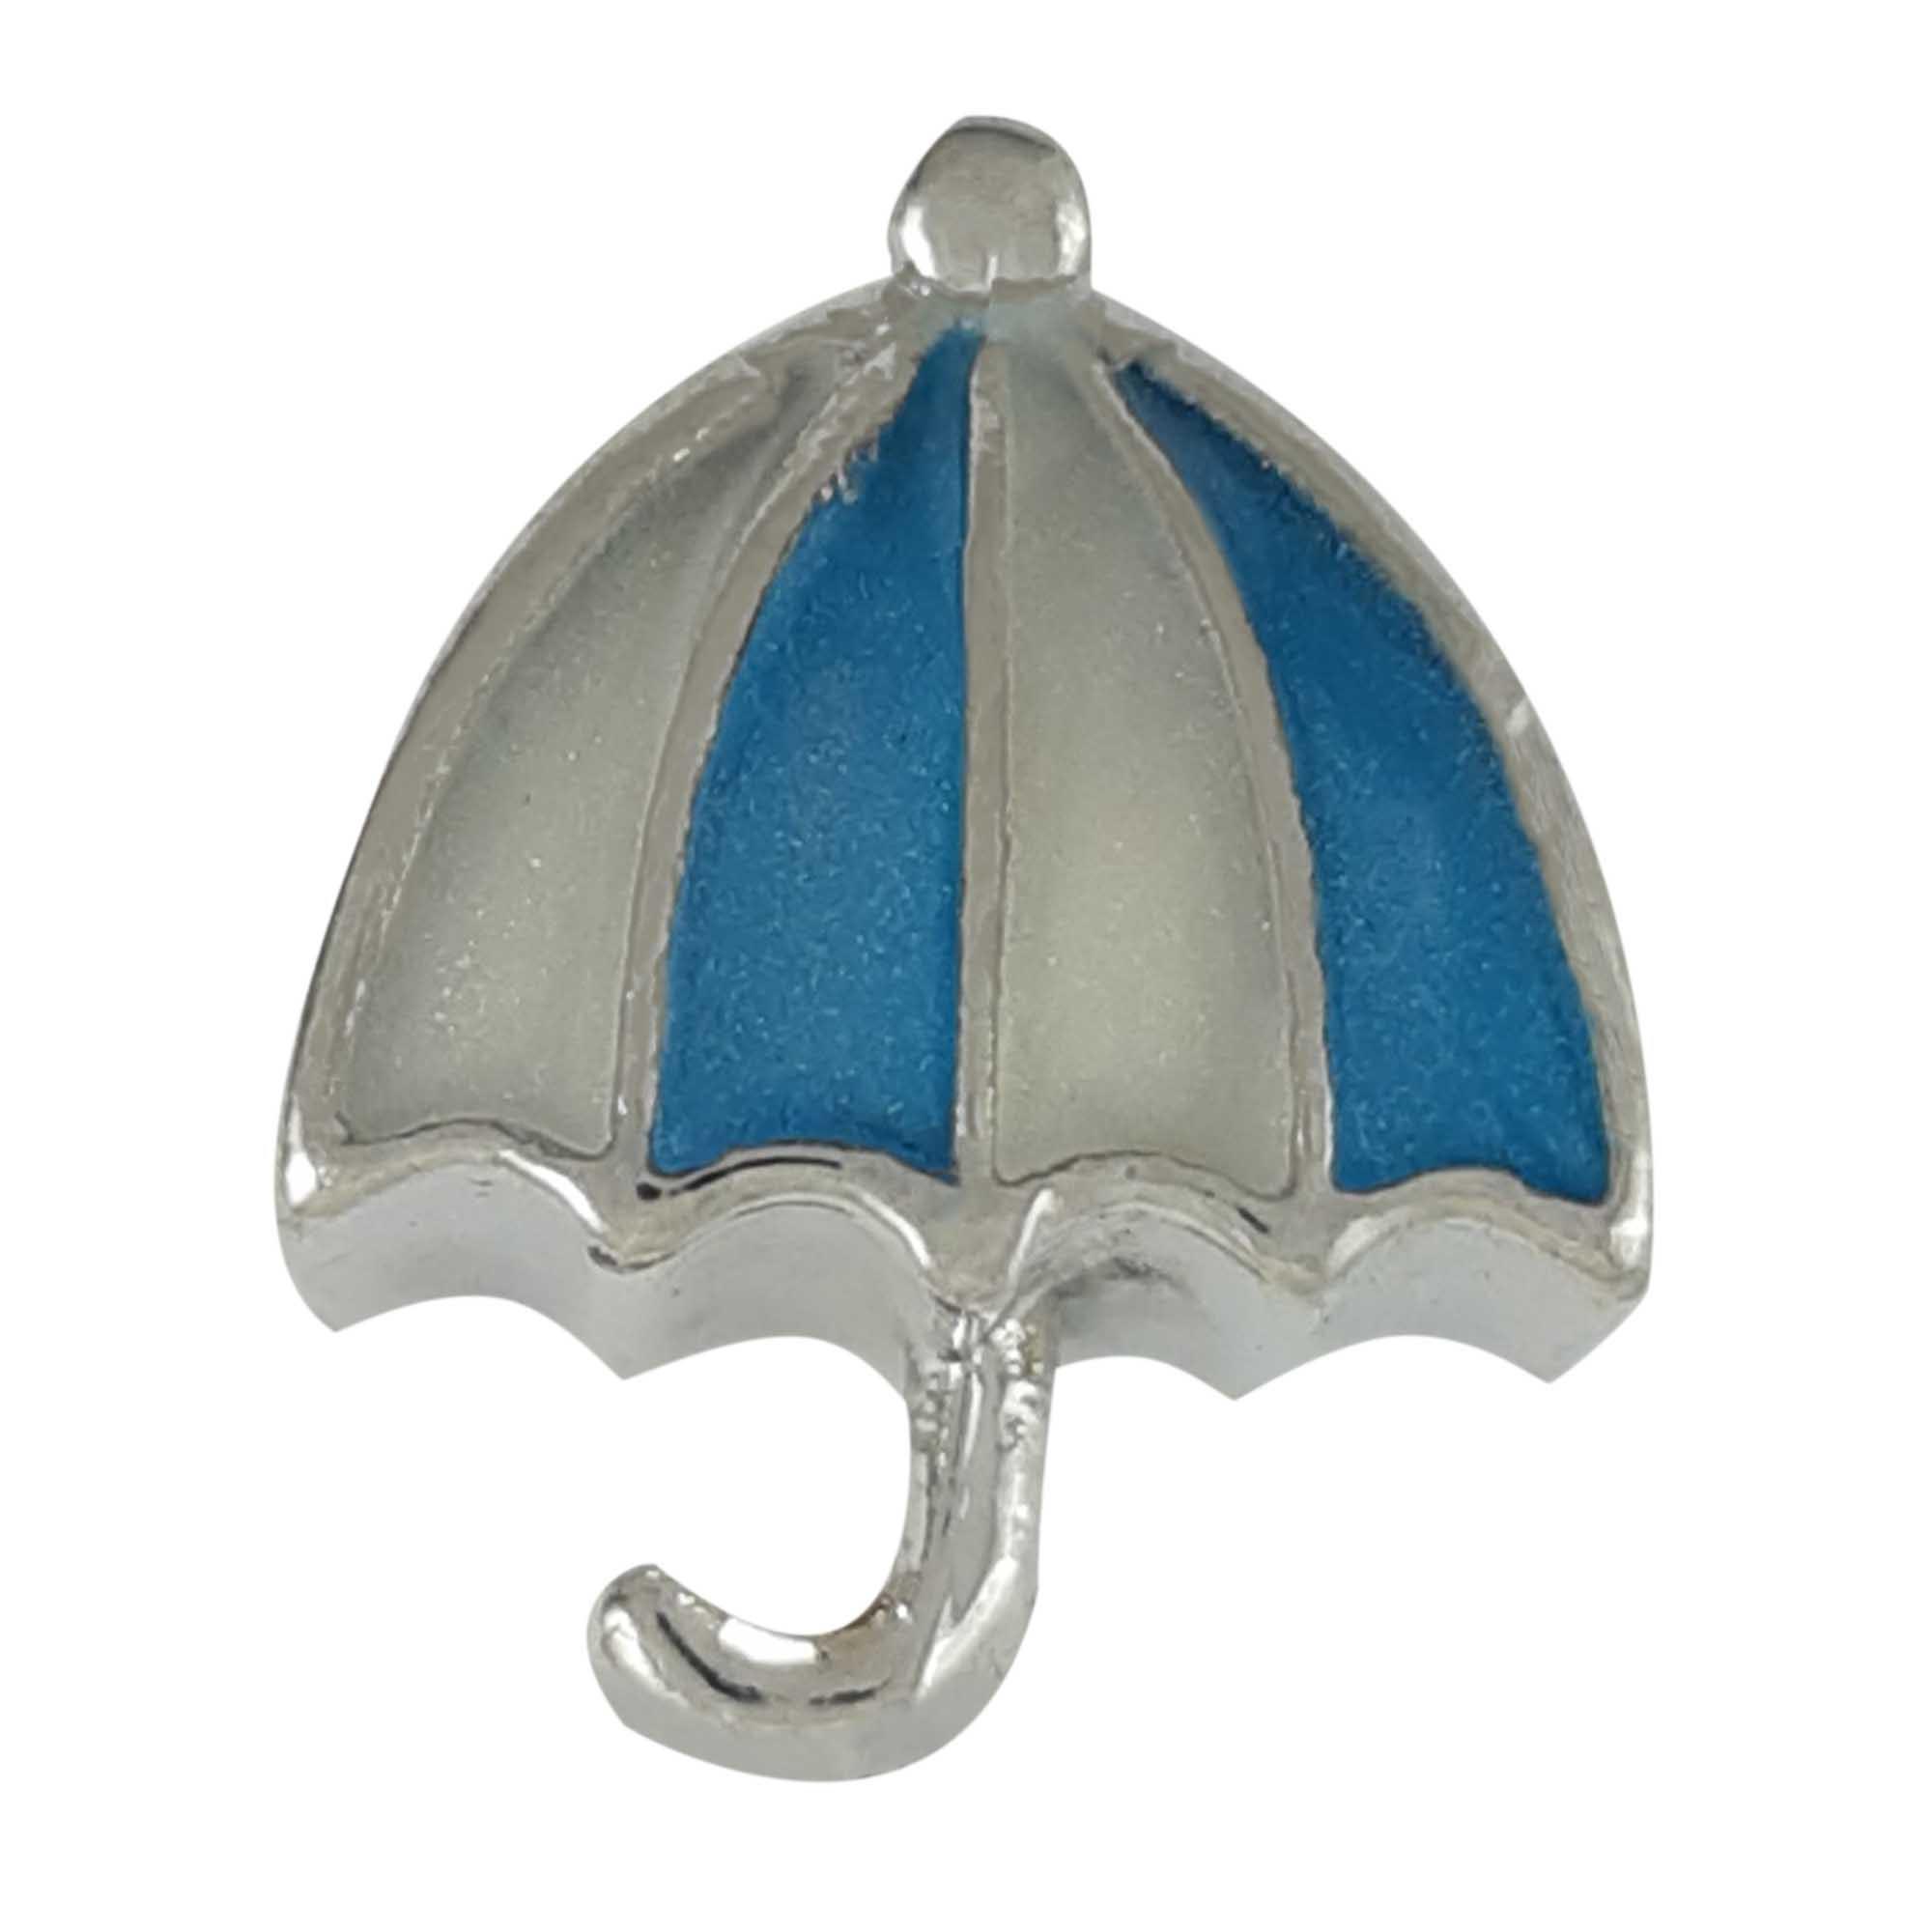 Berloque guarda-chuva em aço